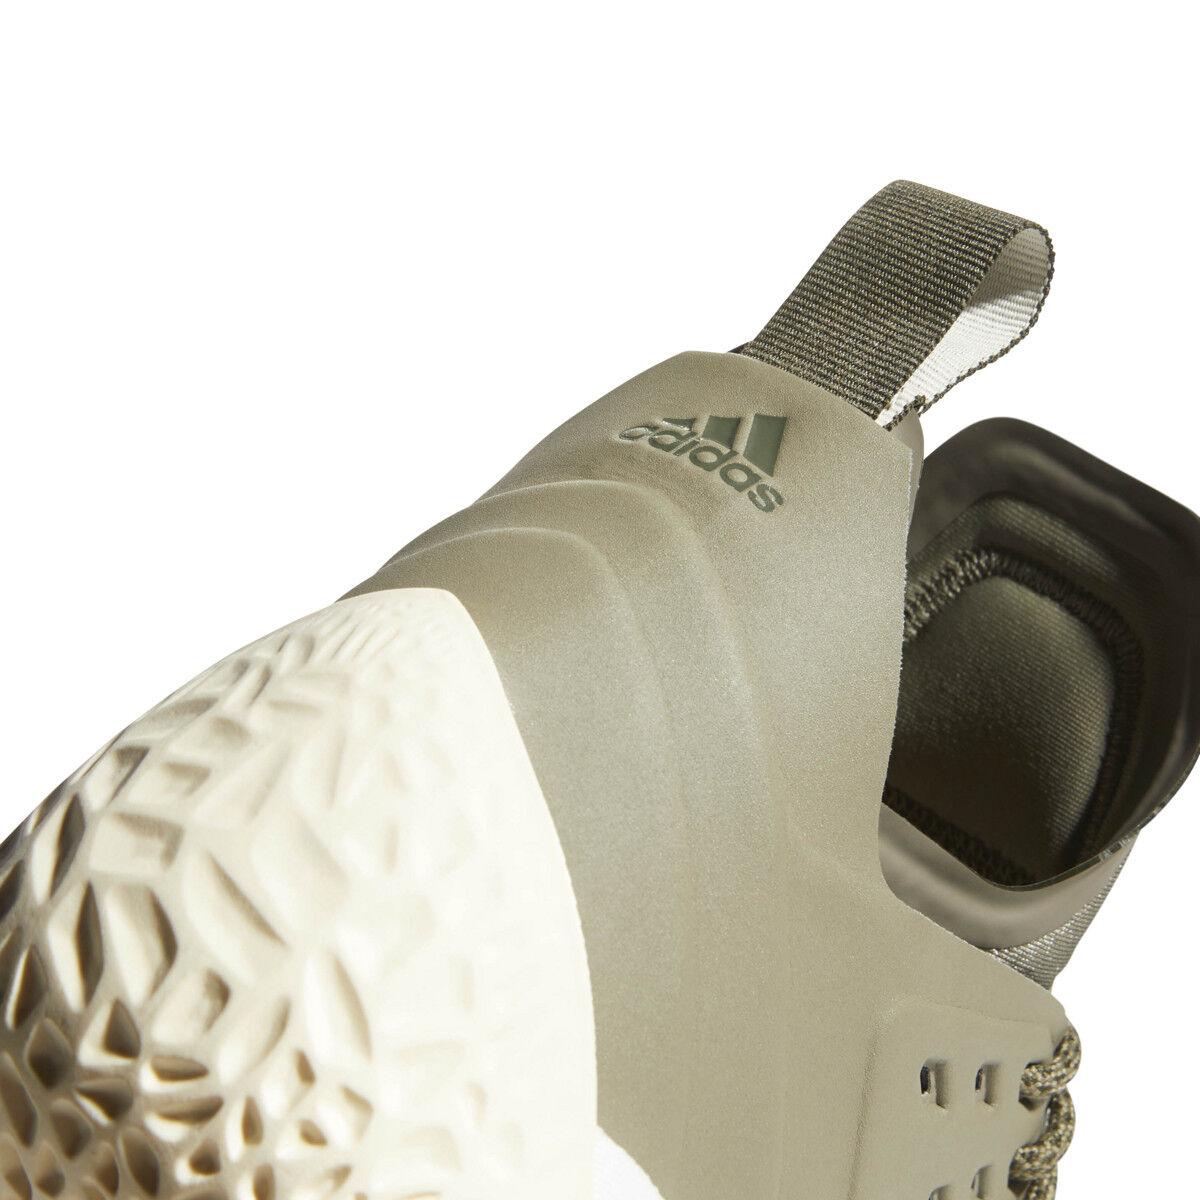 Adidas harden band vol. 2 - basketball - schuhe - - neuen - kostenloser versand - - aq0027 bf3c90